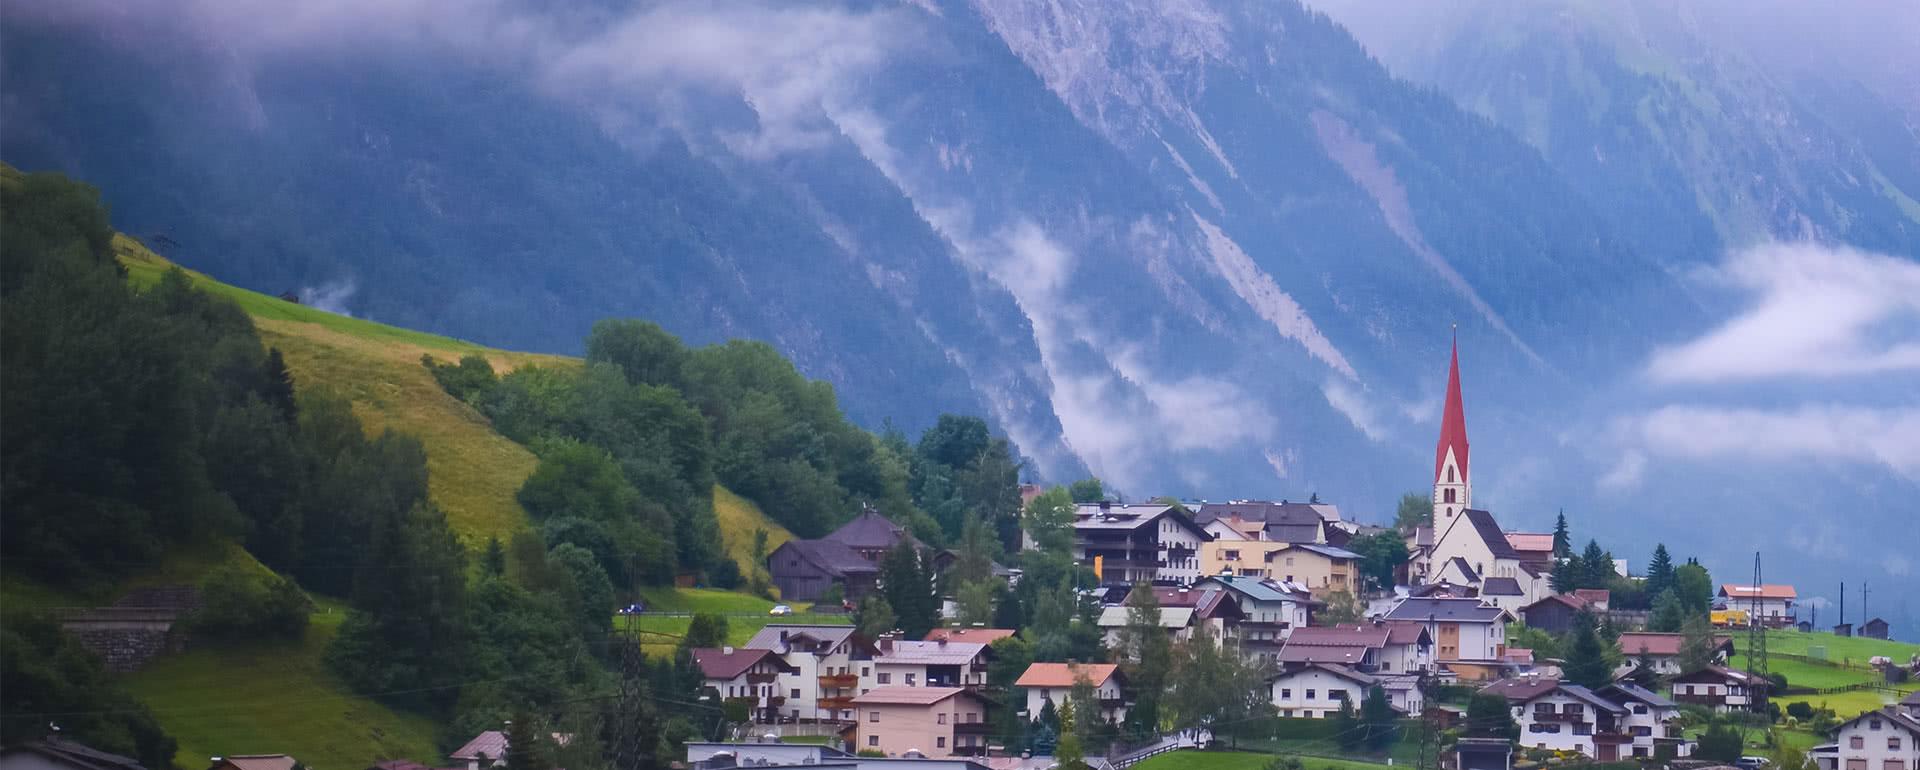 Titelbild von Sankt Anton am Arlberg